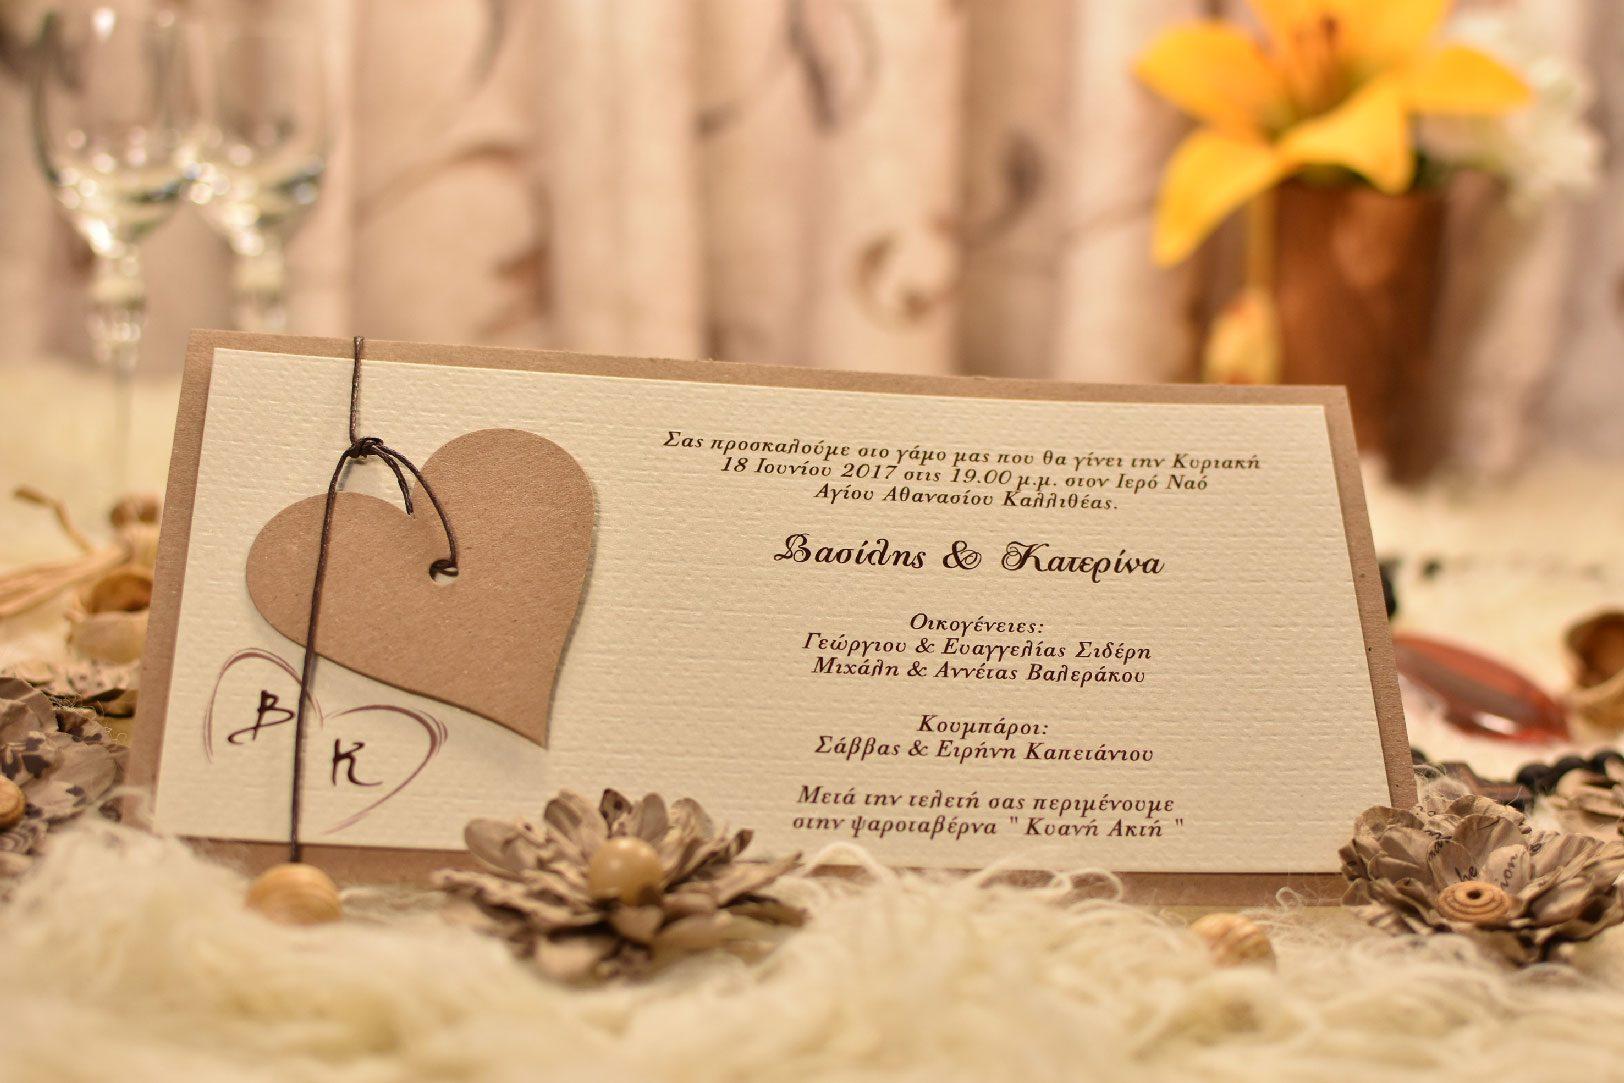 Προσκλητηρια γαμου vintage